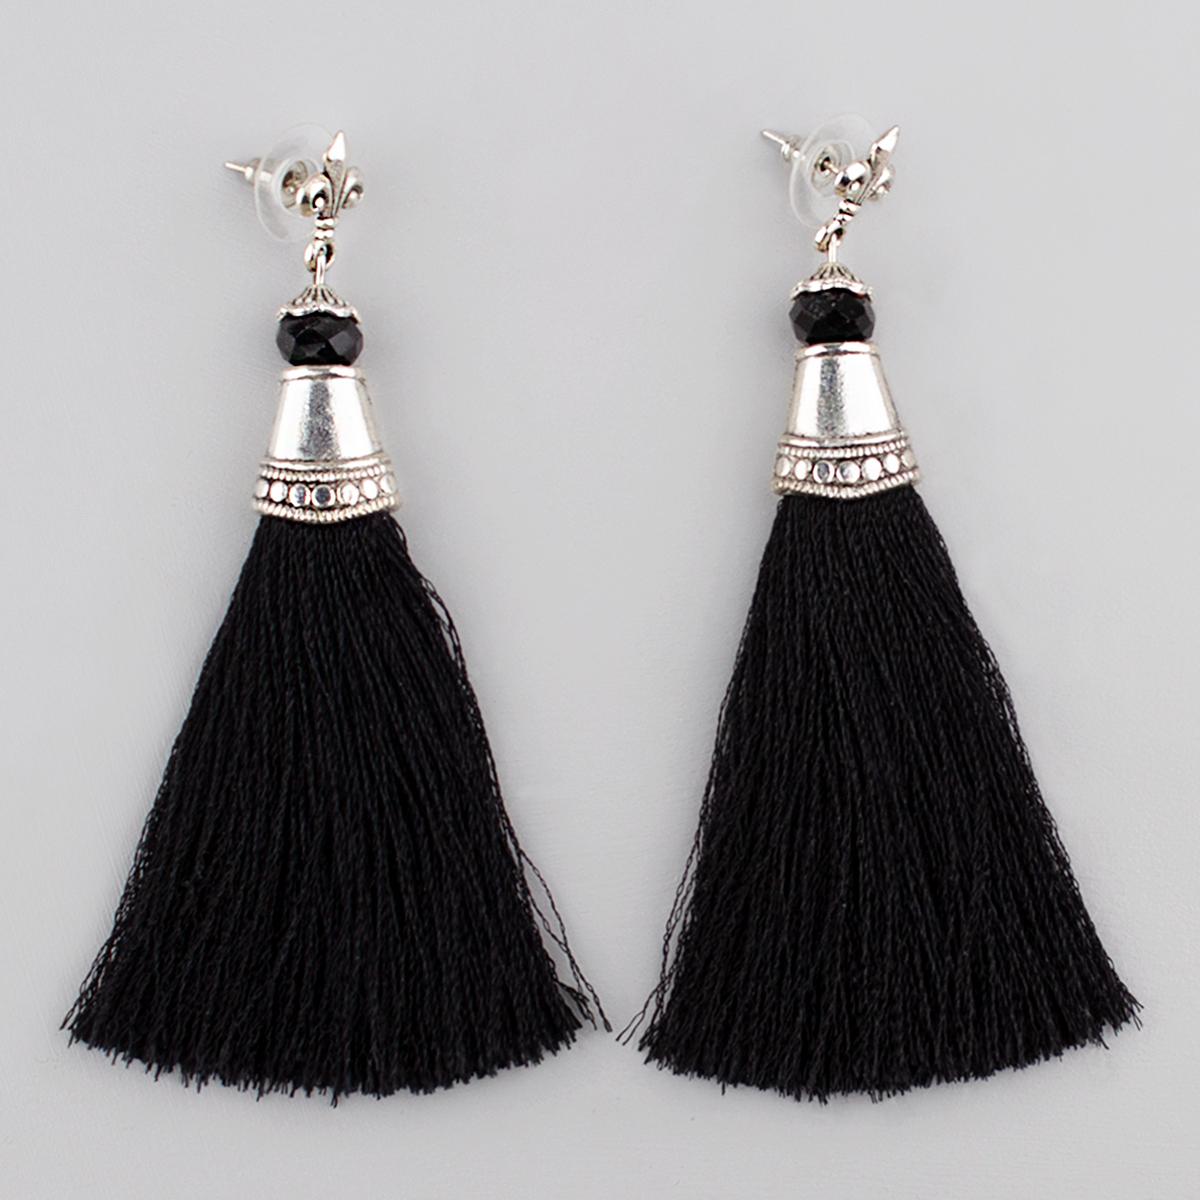 Tassel Drop Earrings, Black 9 cm,